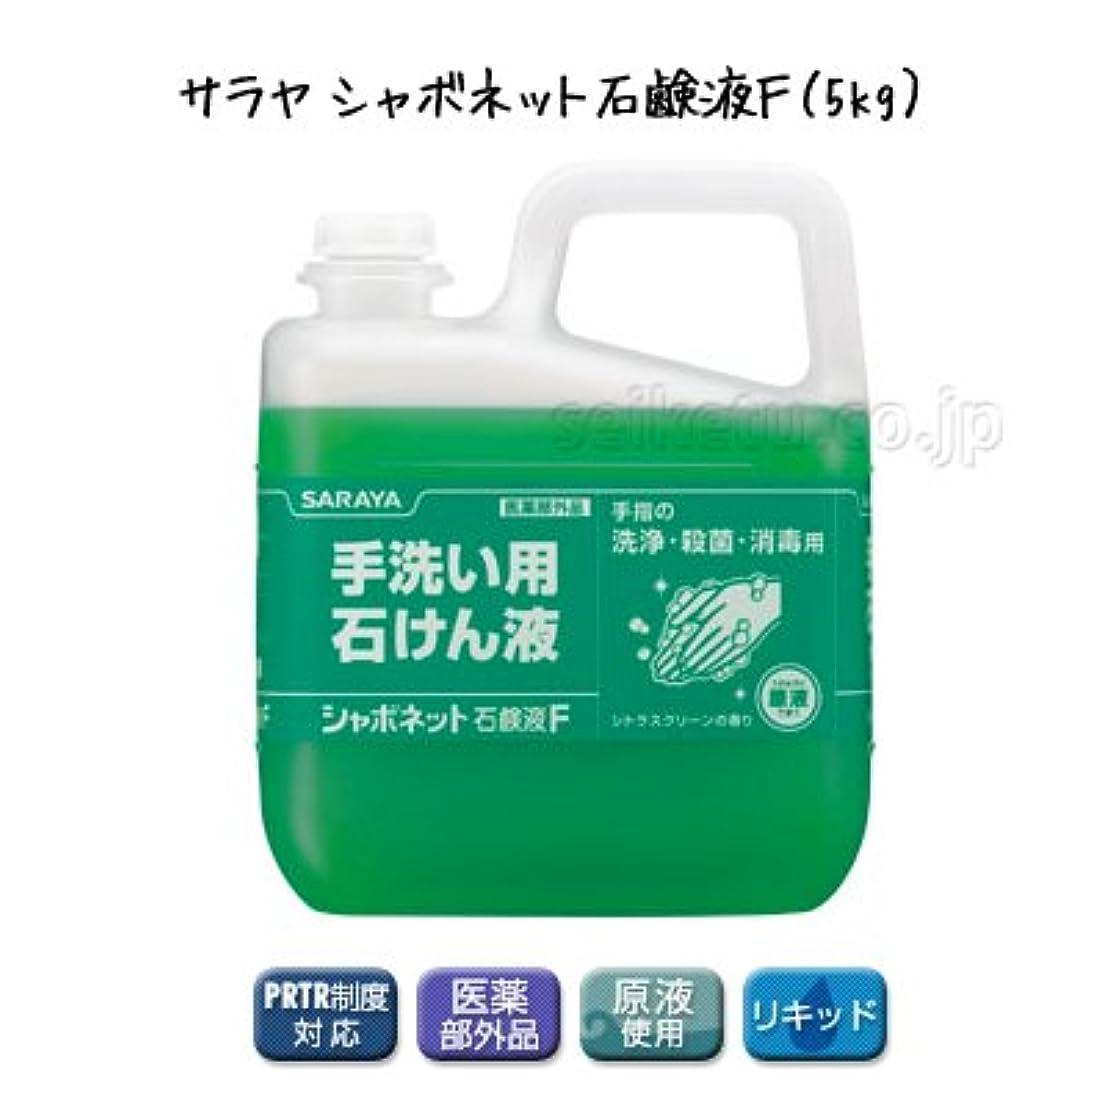 以前はプロトタイプより【清潔キレイ館】サラヤ シャボネット石鹸液F(5kg)